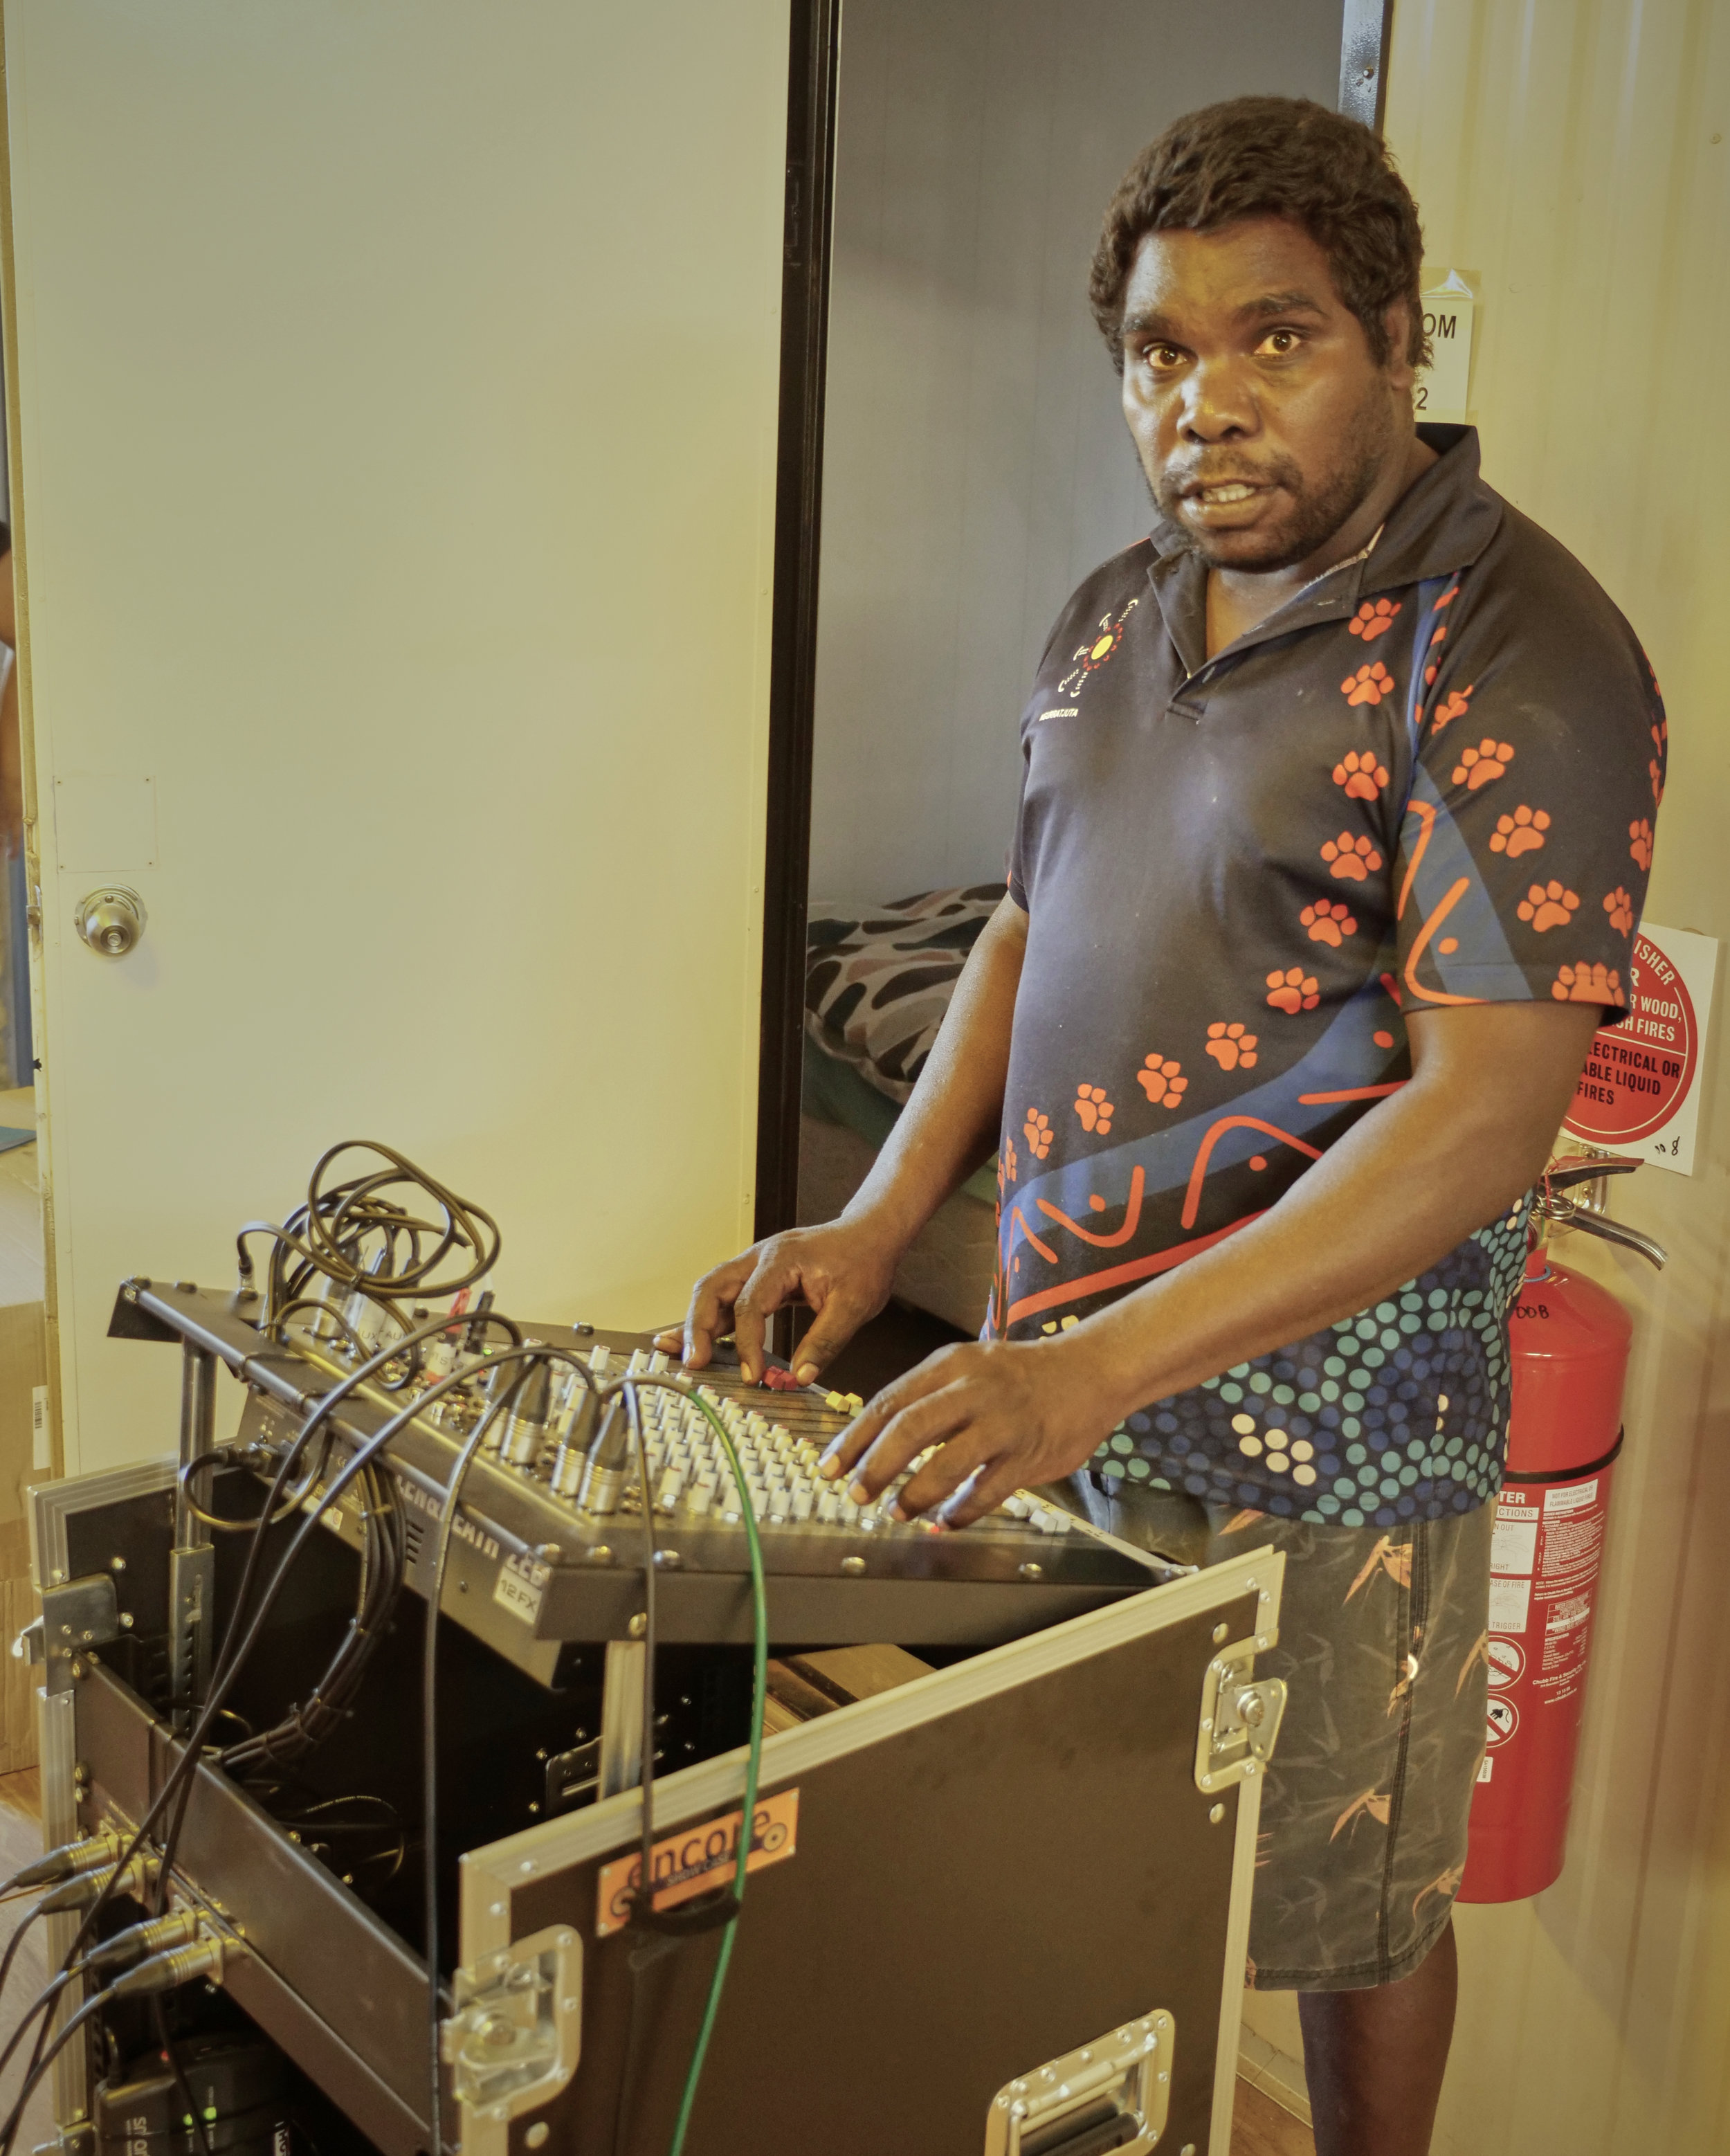 Kieran on Desk Mixer_1015595.jpg